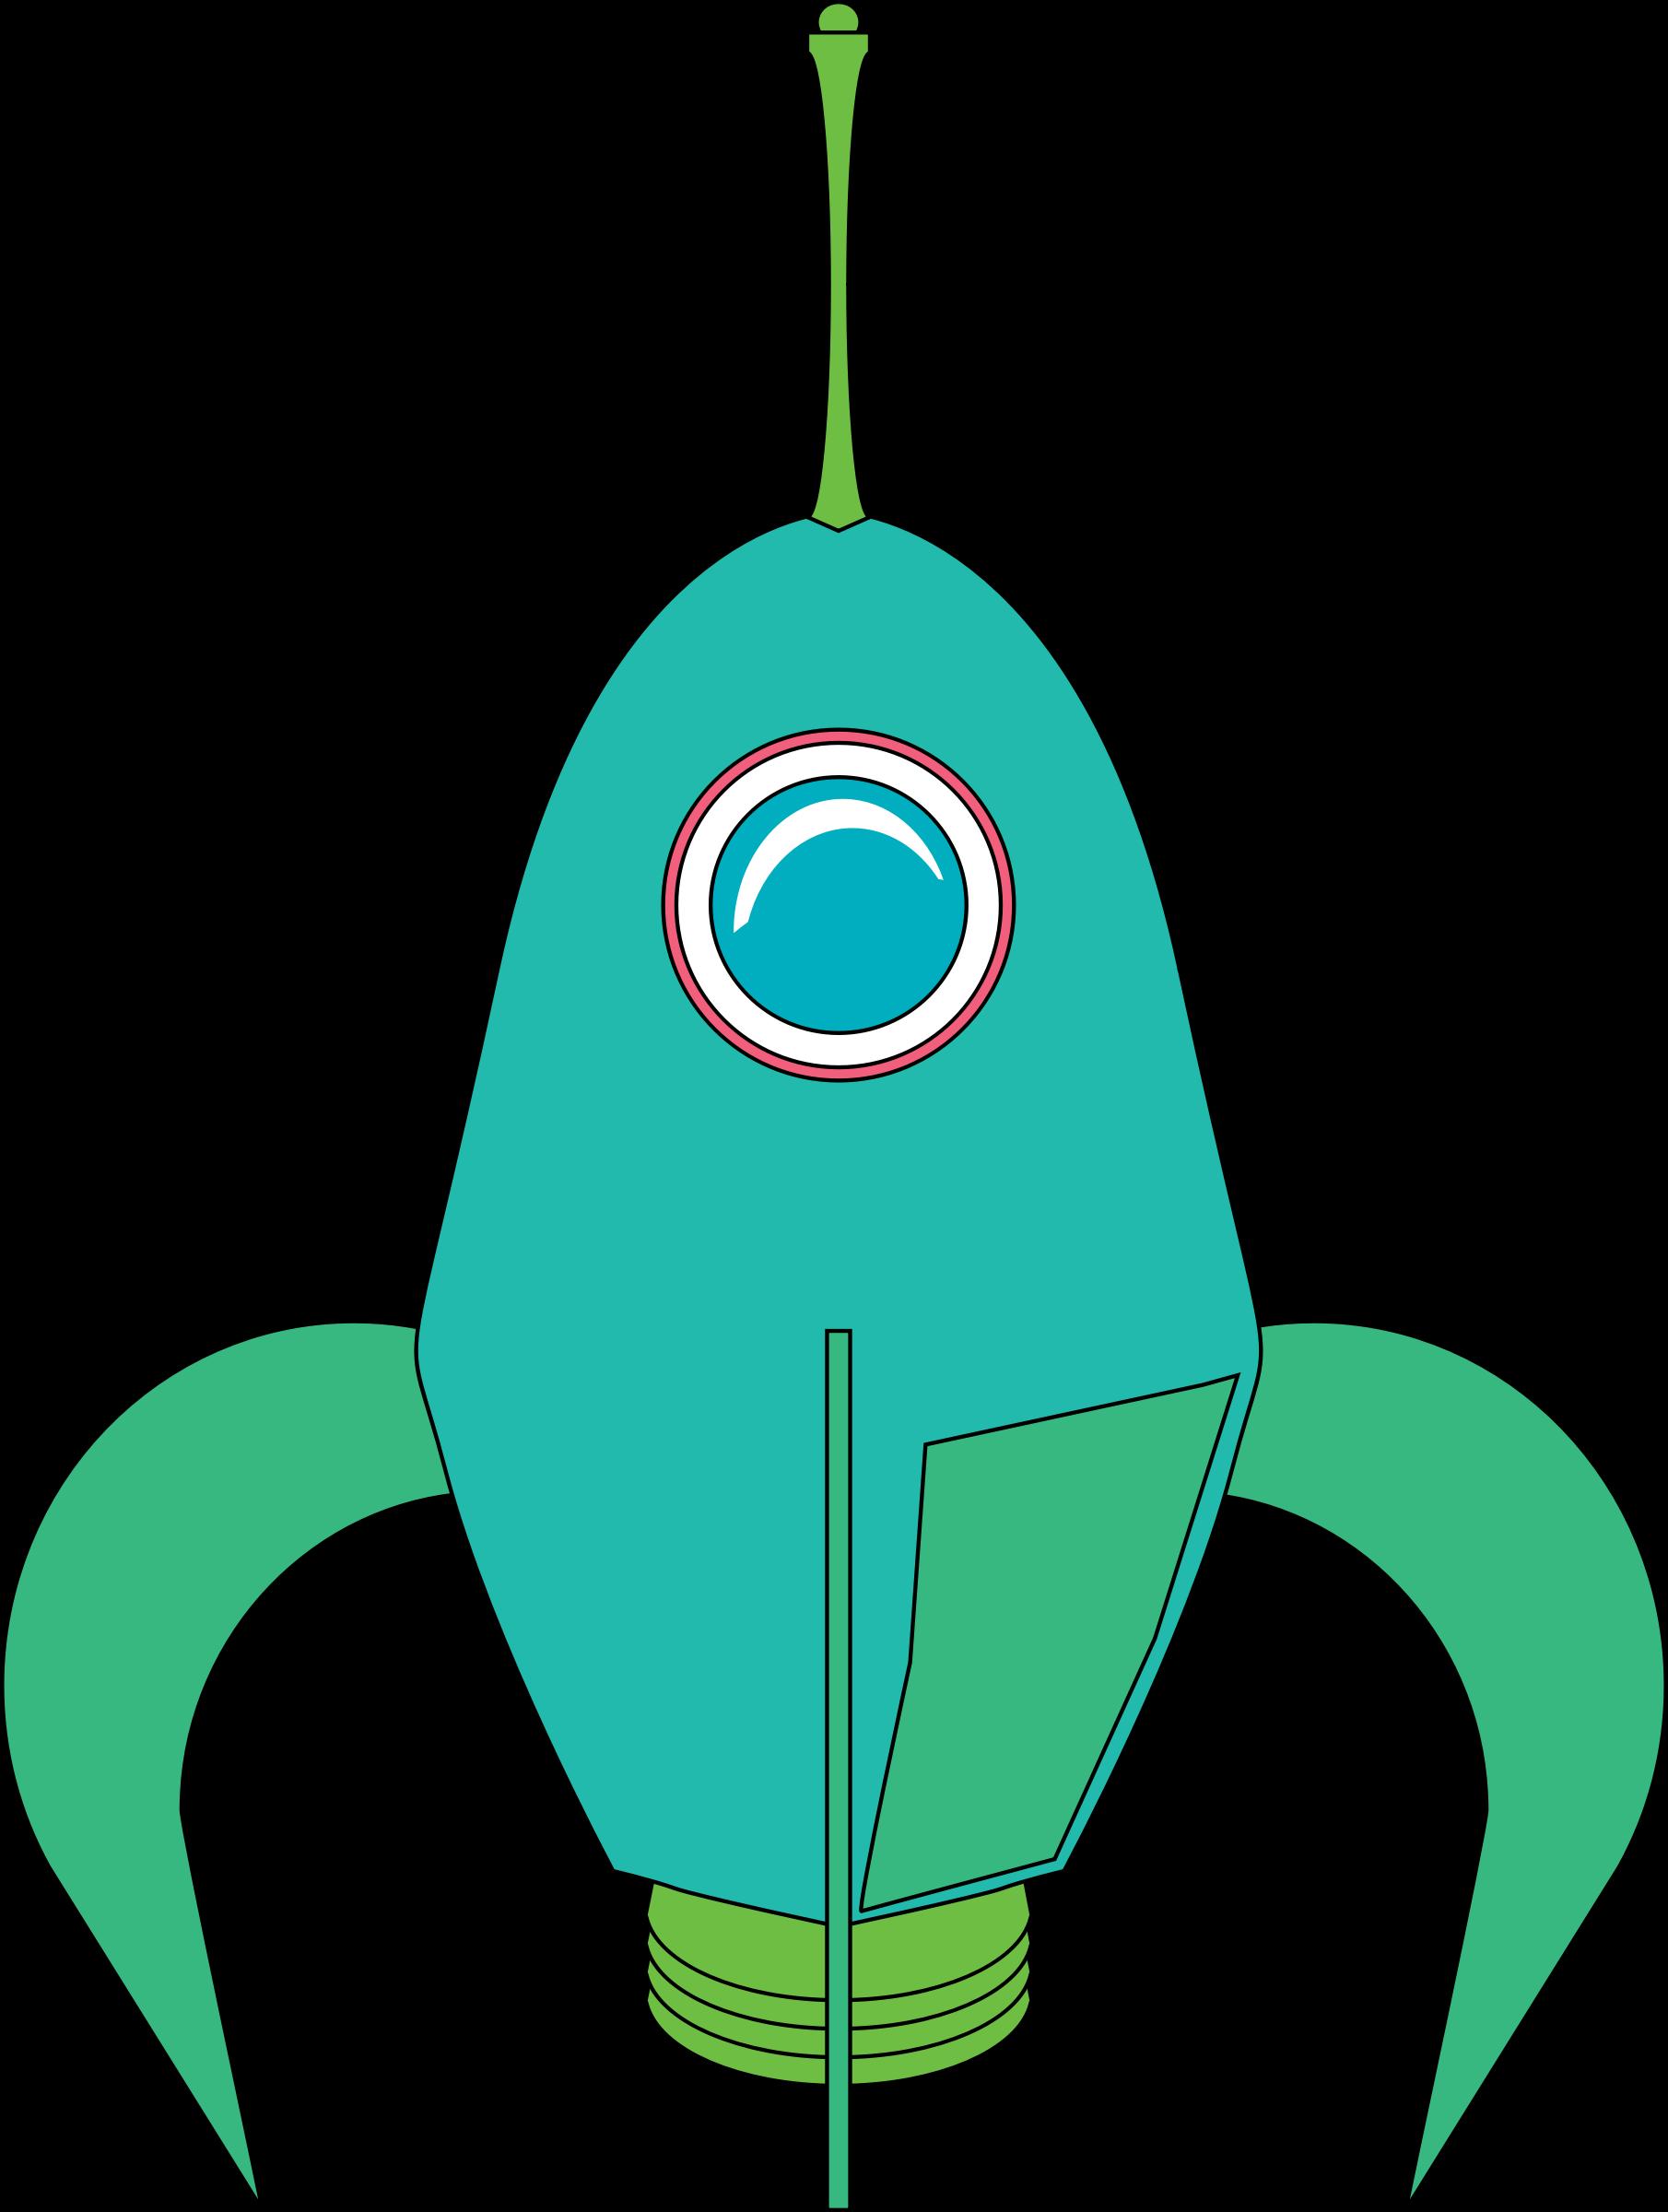 Futuristic big image png. Clipart rocket future